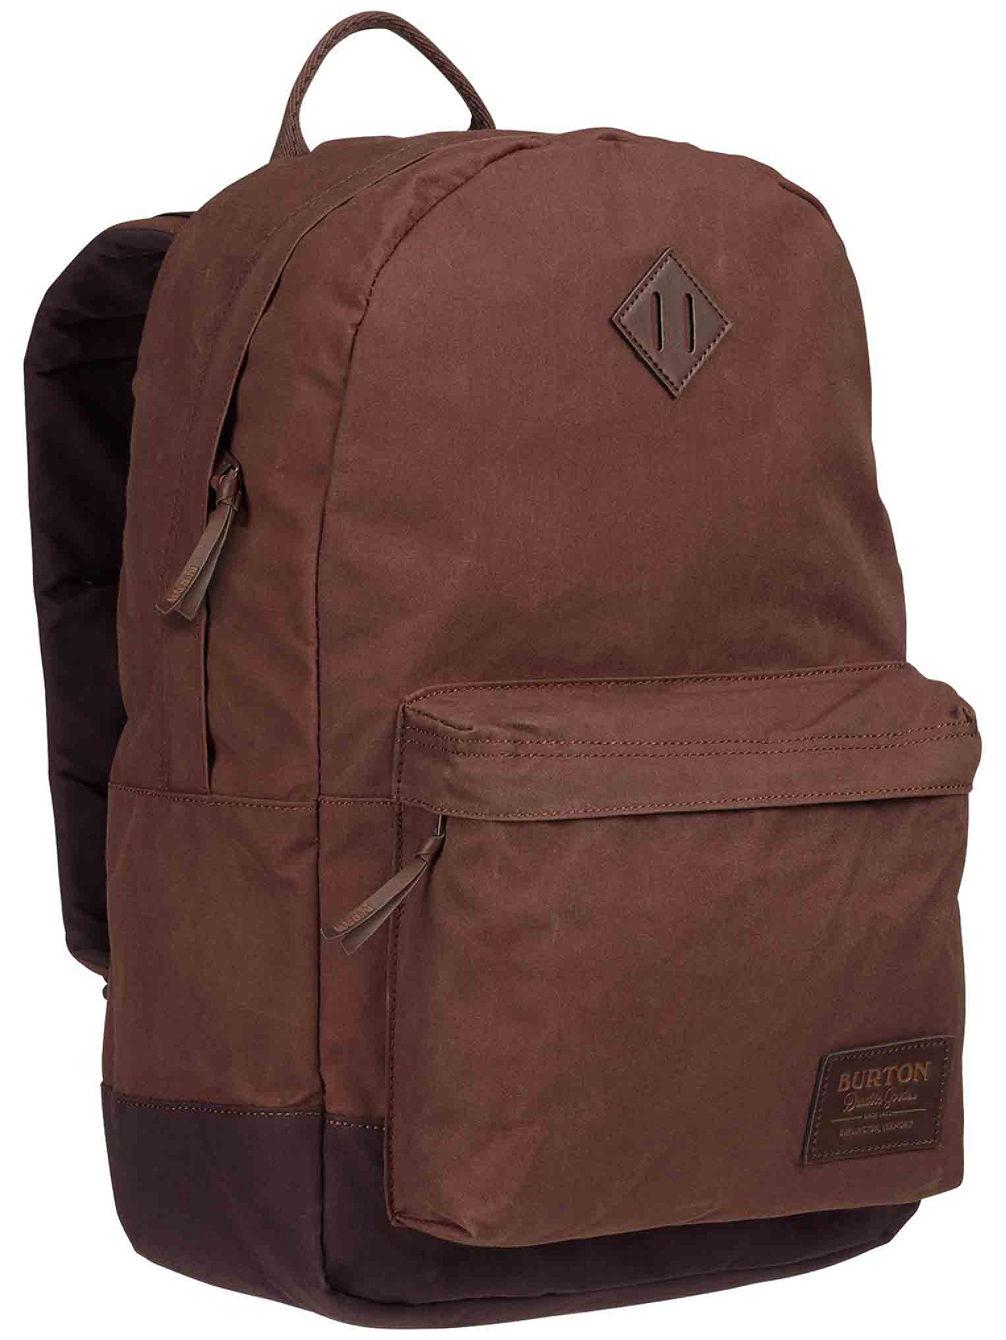 Kup Burton Kettle Backpack online na blue-tomato.com e02f35771da